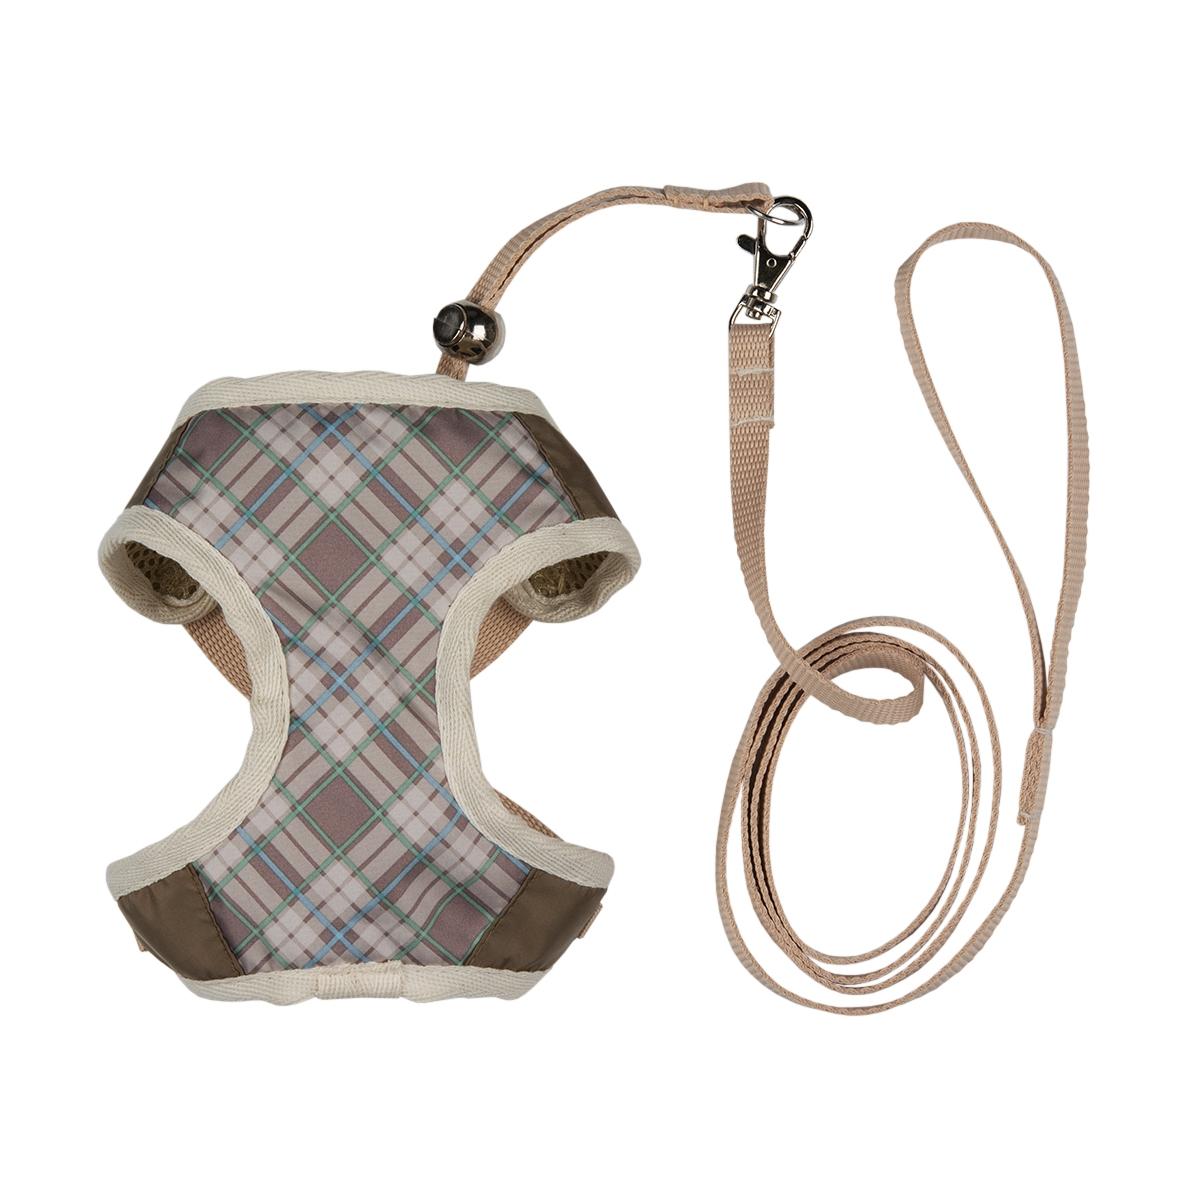 Шлейка для собак Dogmoda Ватсон, с поводком, цвет: бежевый, светло-коричневый. Размер 4 (XL)DM-130064-4_бежевыйШлейка Dogmoda Ватсон - это идеальная шлейка для маленьких собак, которая позволит вам контролировать поведение питомца во время прогулки, не стесняя его движений. Изделие выполнено таким образом, чтобы ткань нигде не давила животному, не натирала и не приносила болезненных ощущений. Шлейка выполнена из водоотталкивающего полиэстера. Она приятна на ощупь, легко стирается, не линяя и не теряя изначальную форму. Шлейка - это альтернатива ошейнику. Правильно подобранная шлейка не стесняет движения питомца, не натирает кожу, поэтому животное чувствует себя в ней уверенно и комфортно. Длина спины: 32 см. Обхват груди: 52 см. Обхват шеи: 33 см.